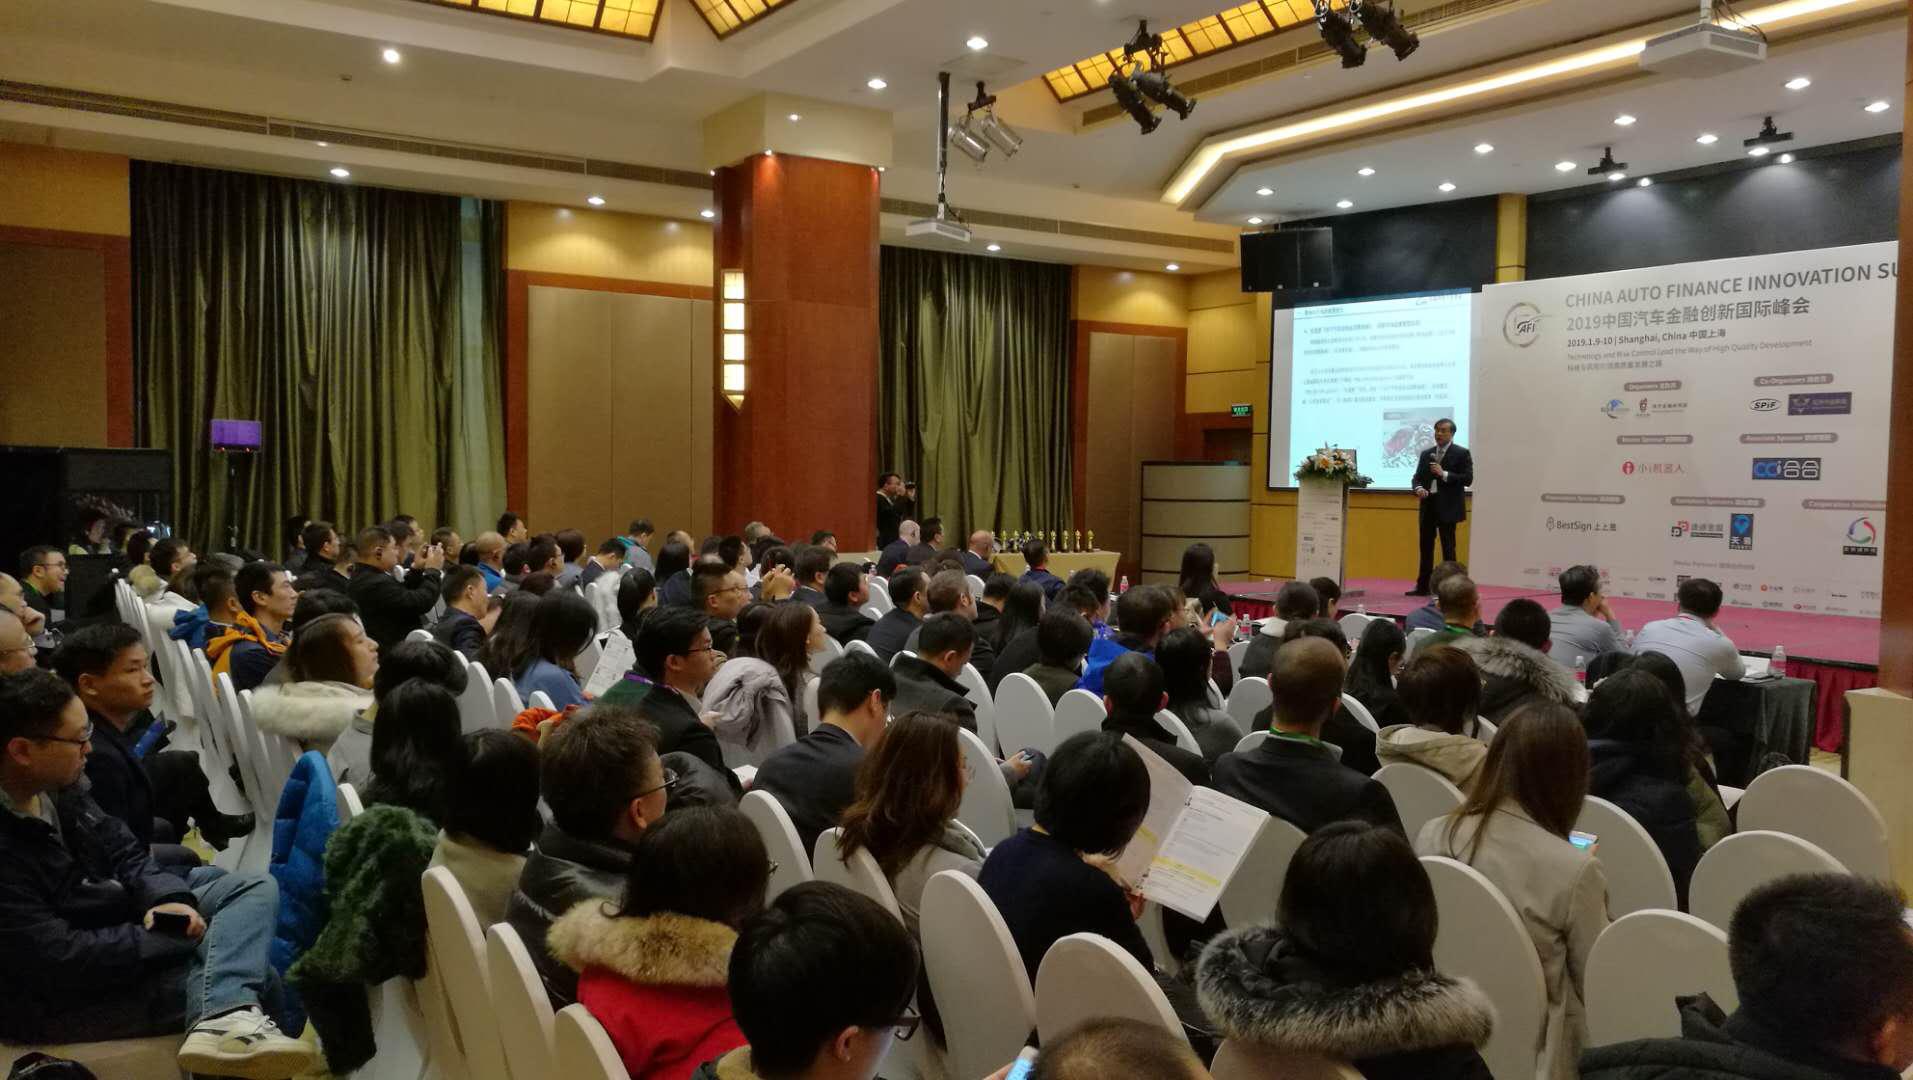 2019中国汽车金融创新国际峰会(AFI 2019)圆满落幕